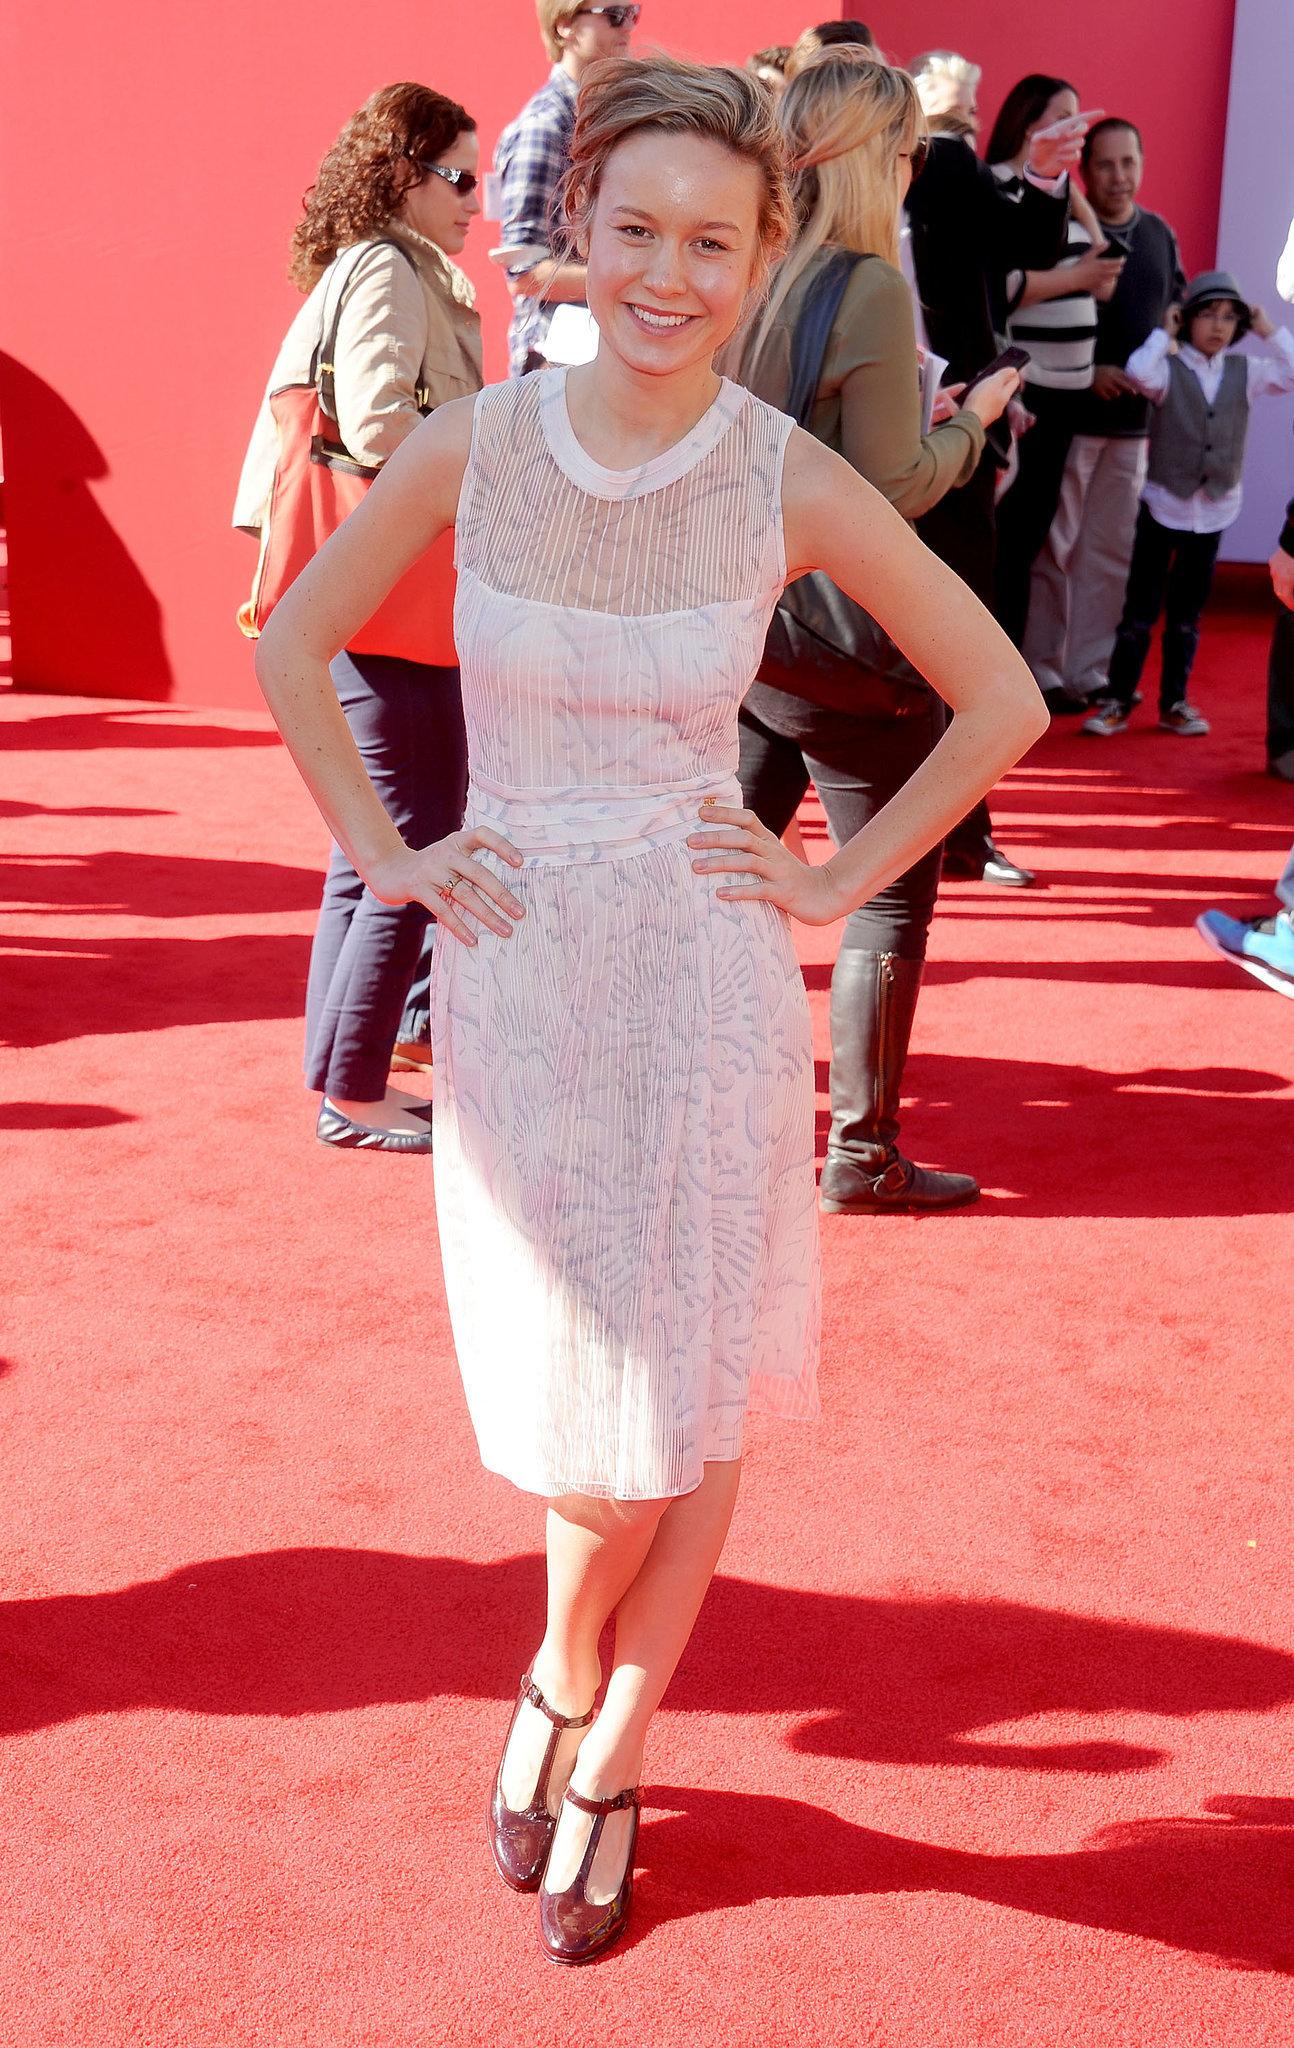 Brie Larson at the LA premiere of The Lego Movie.